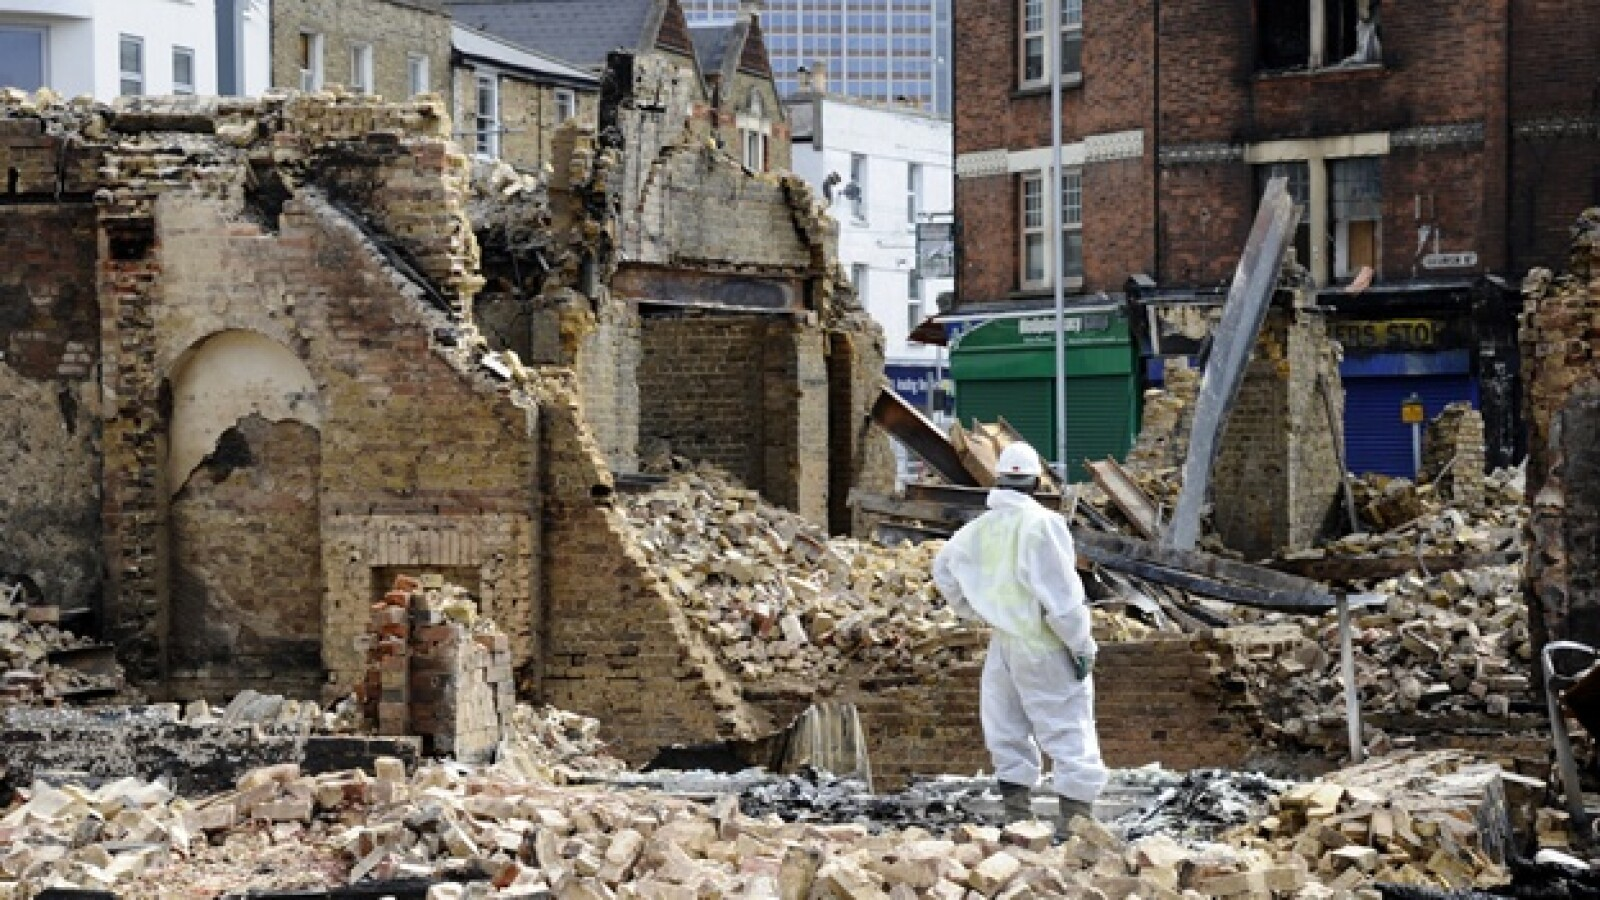 Un trabajador observa los restos de la tienda muebles Reeves